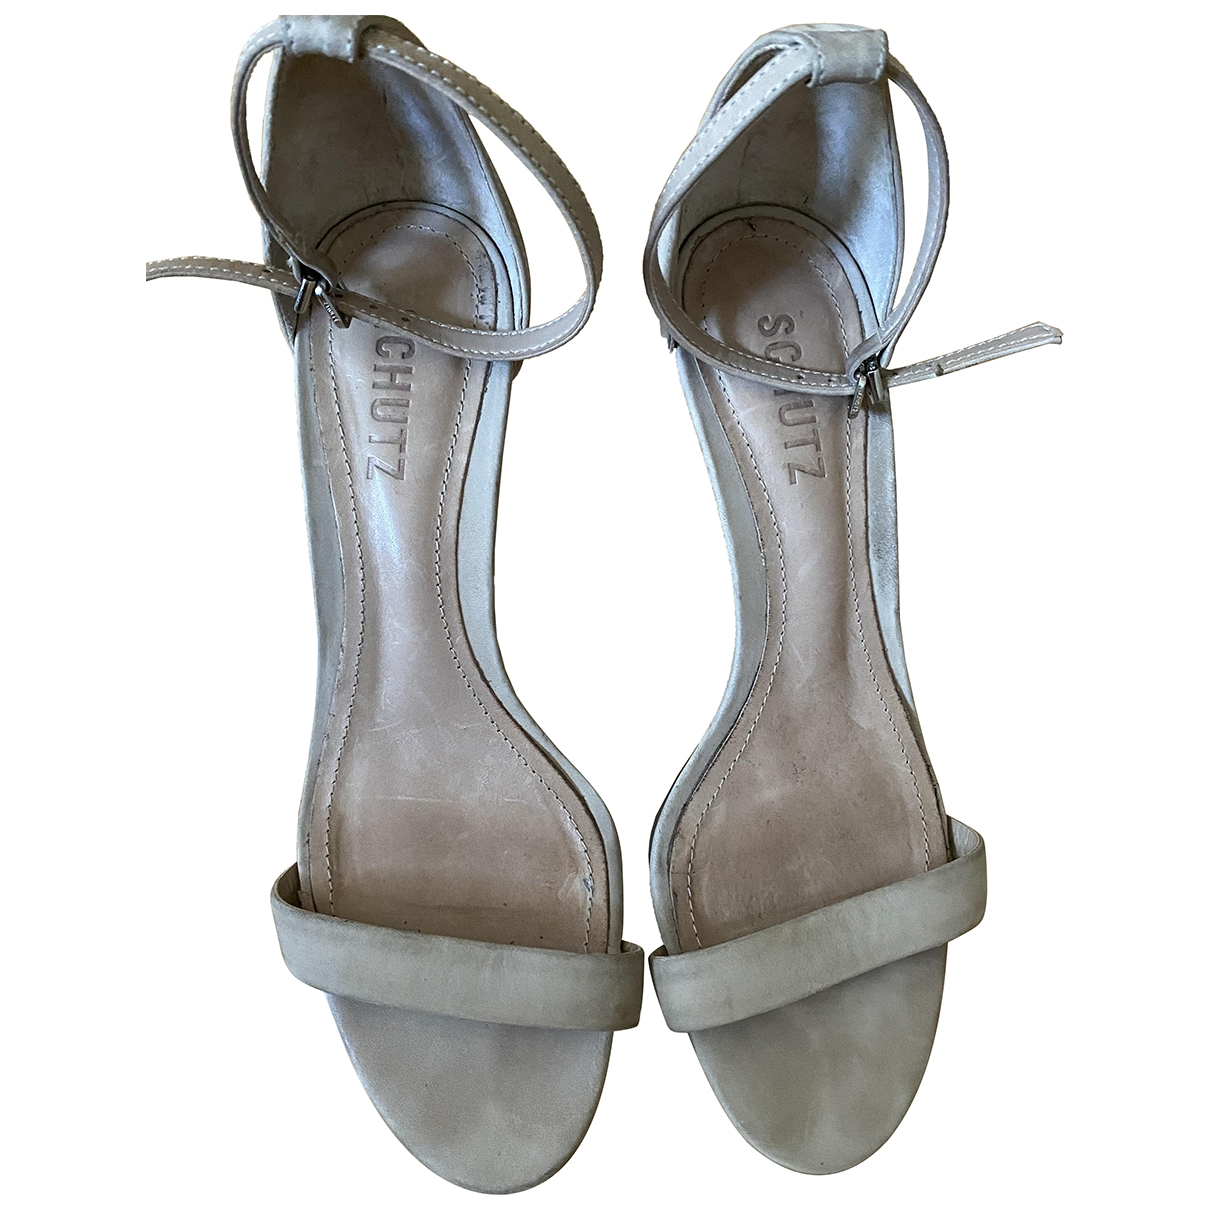 Schutz - Sandales   pour femme en suede - beige